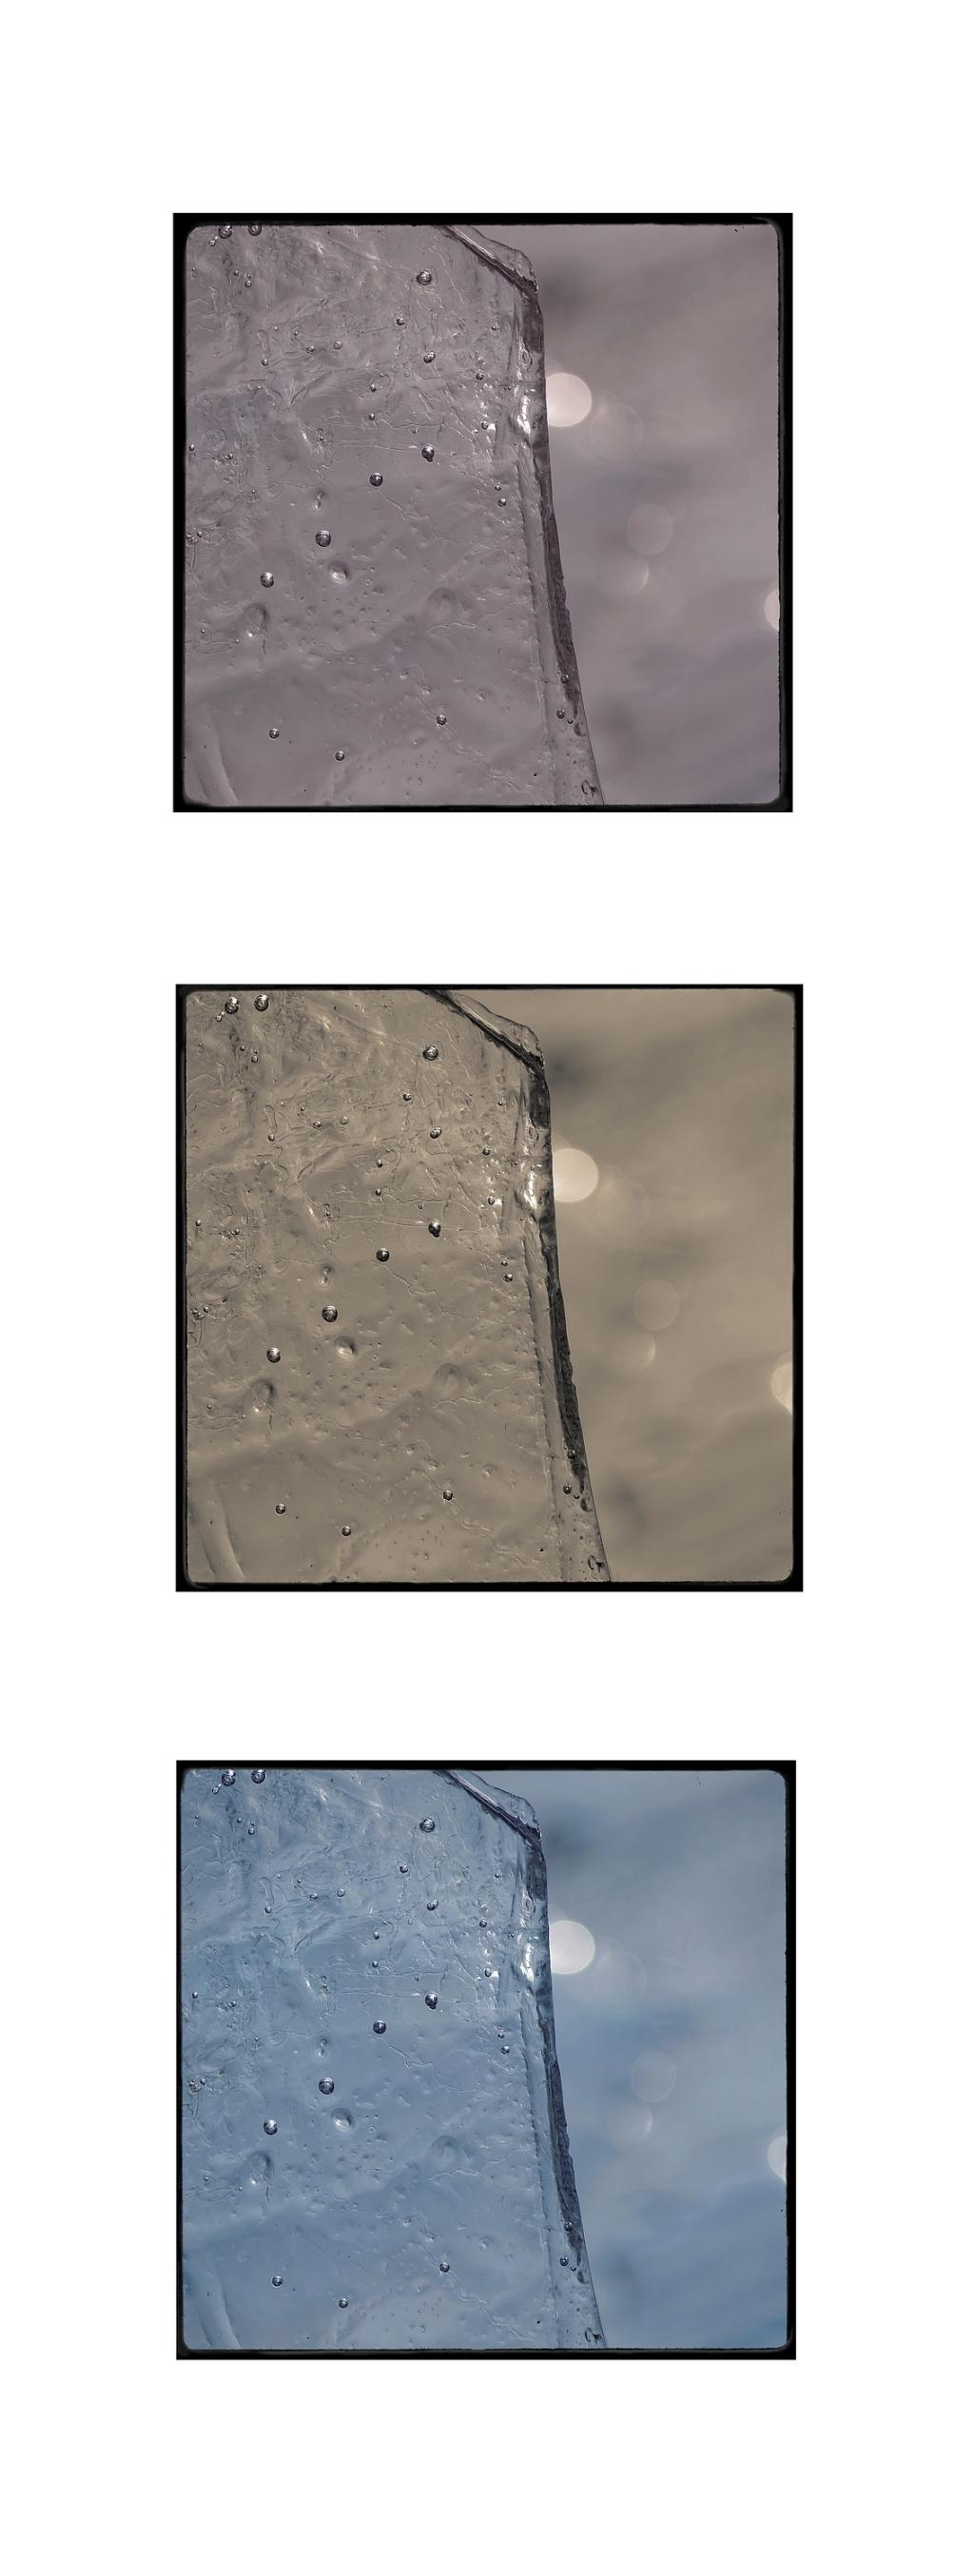 triptyque eau gelée bassin, glace, eau gelée, nature morte,  smc PENTAX D-FA MACRO 100mm f/2.8 WR